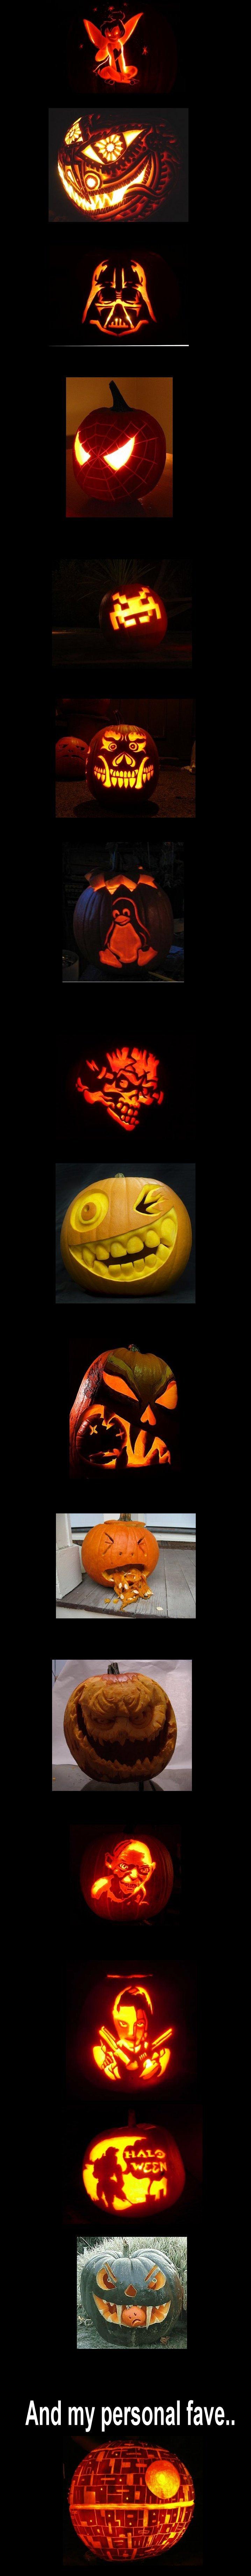 Bad Ass Pumpkin Carving. . ita I ft as WCZB. tis the season to be jolly tralalalalalalalalaaaaaaaaa